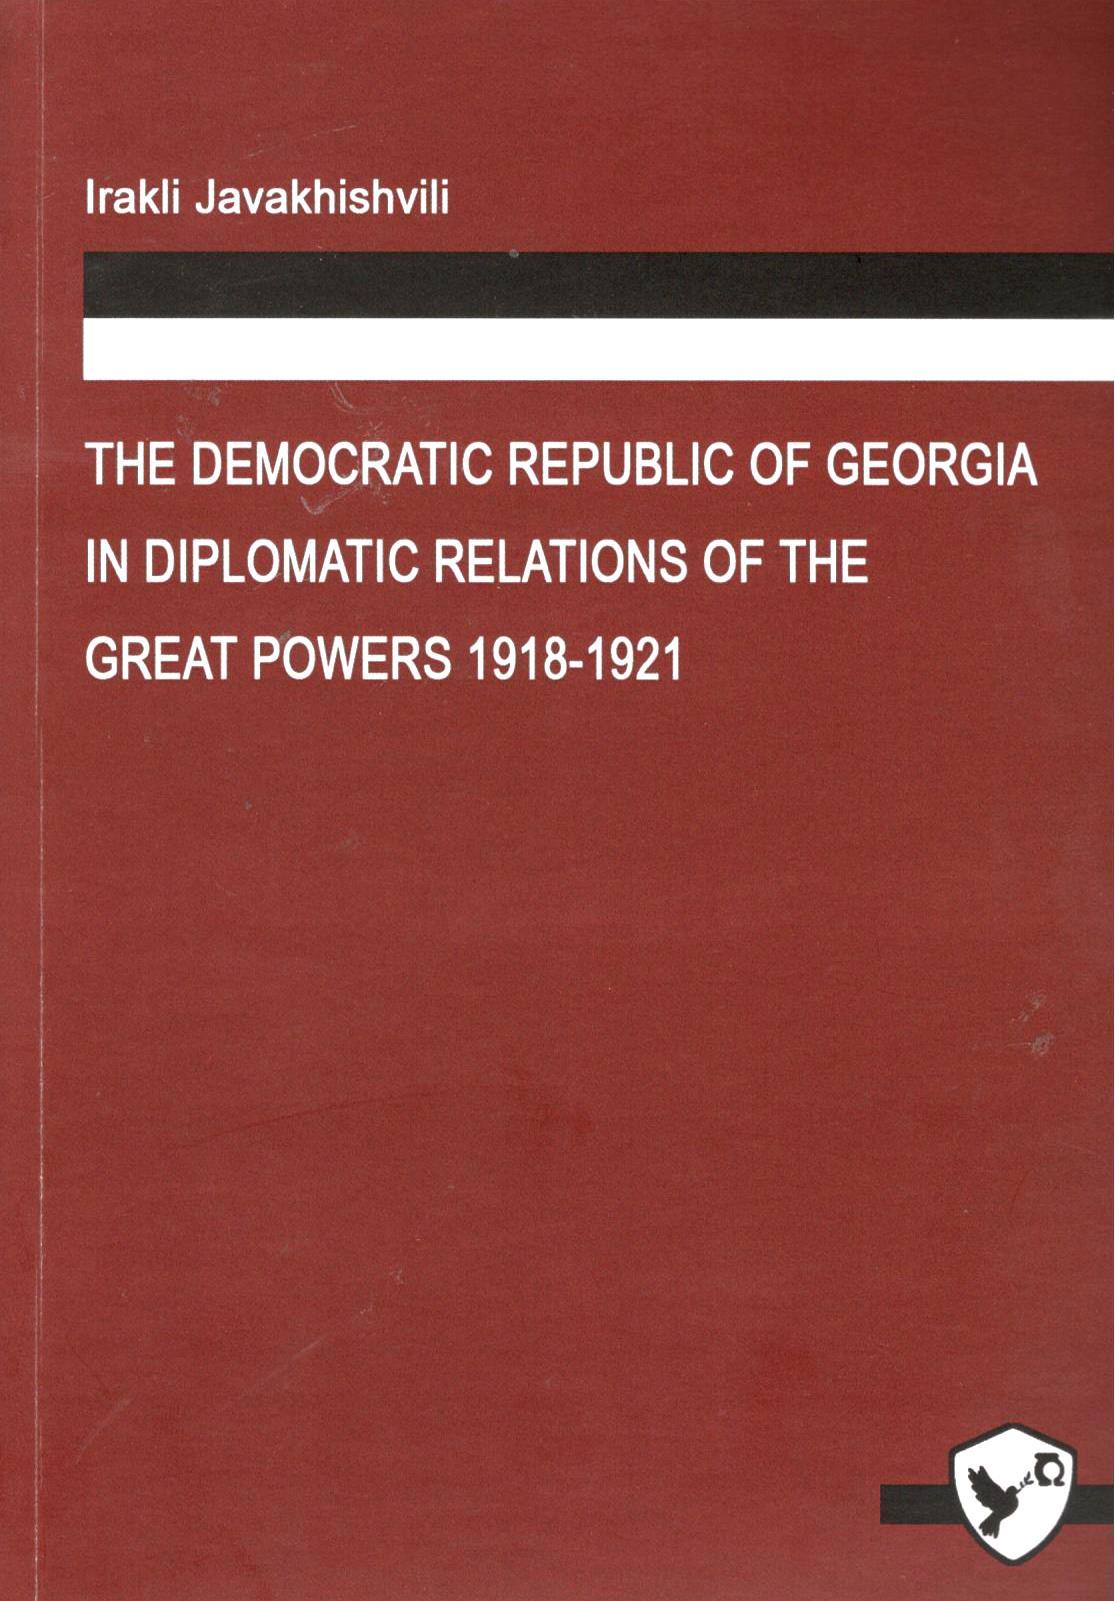 Irakli Javakhishvili – The Democratic Republic of Georgia in Diplomatic Relations of the Great Powers.1918-1921.